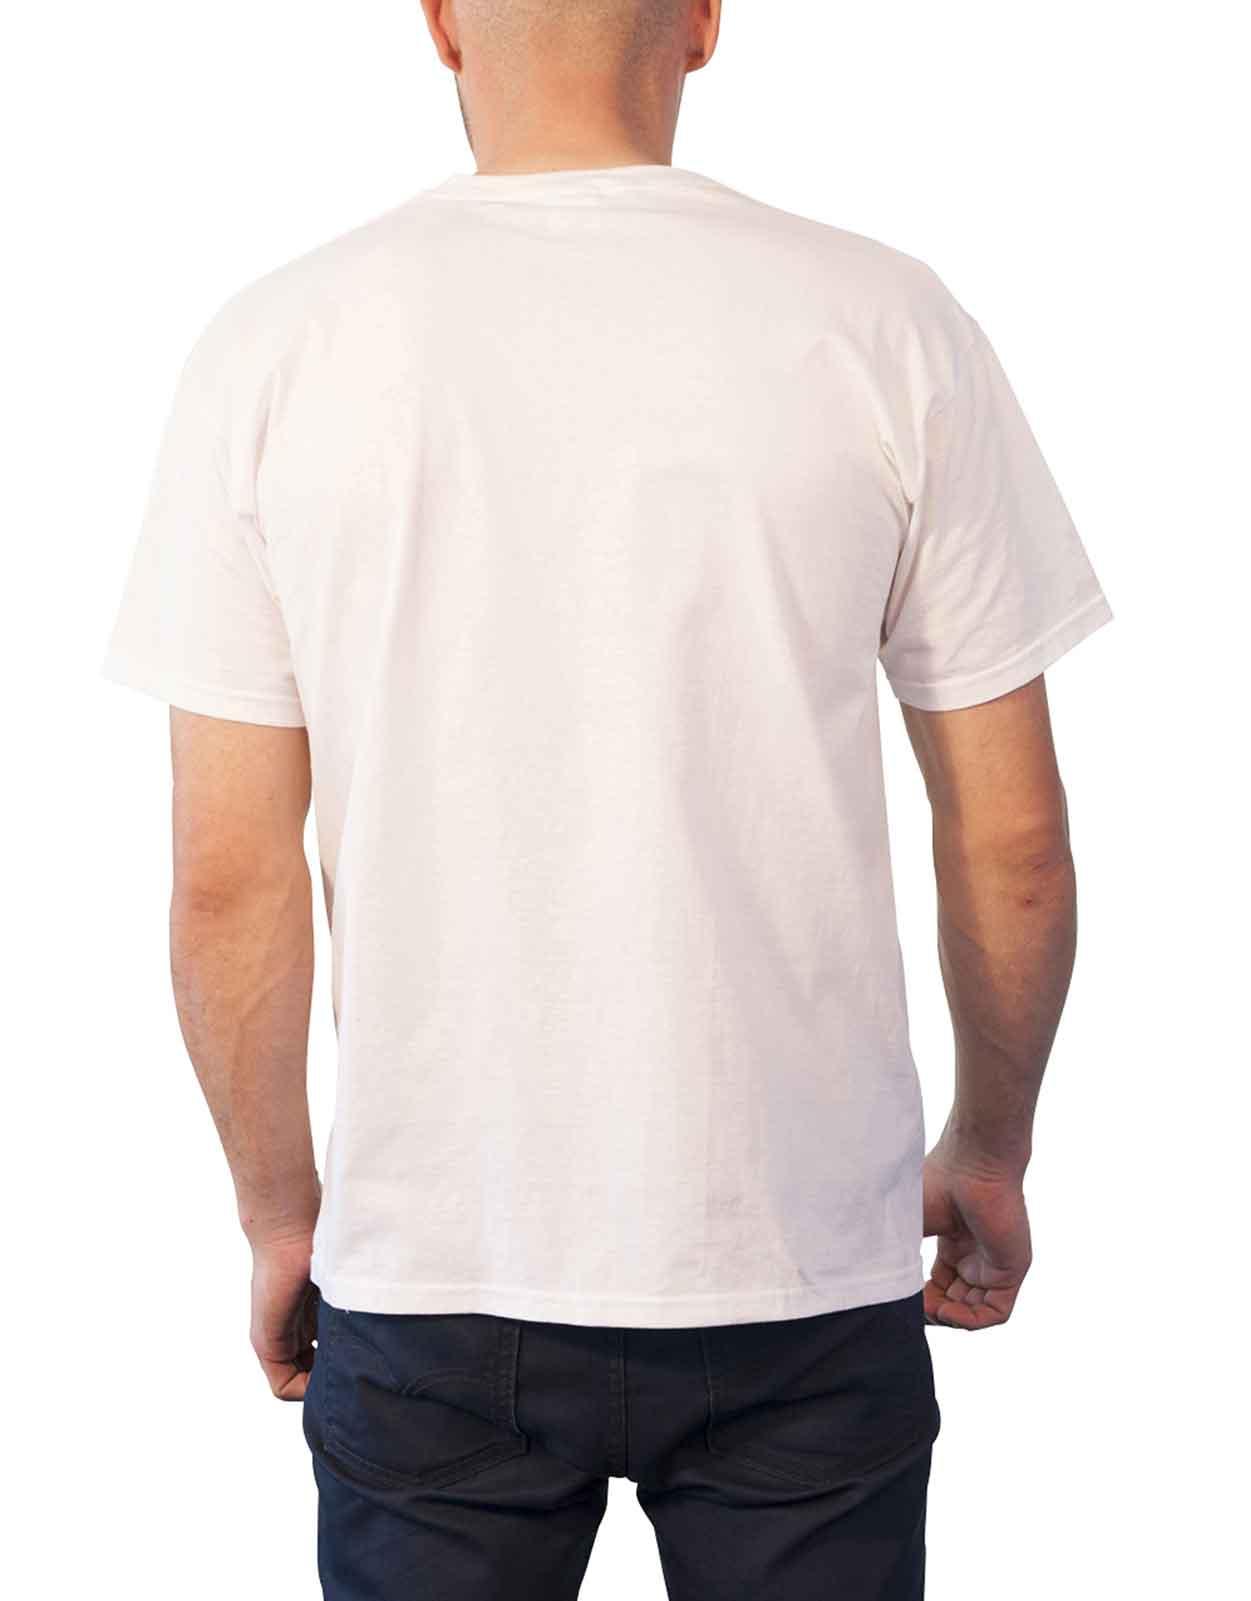 Rick-and-Morty-T-Shirt-Pickle-Rick-Portail-spirale-Wubba-Lubba-nouveau-officiel-Homme miniature 35